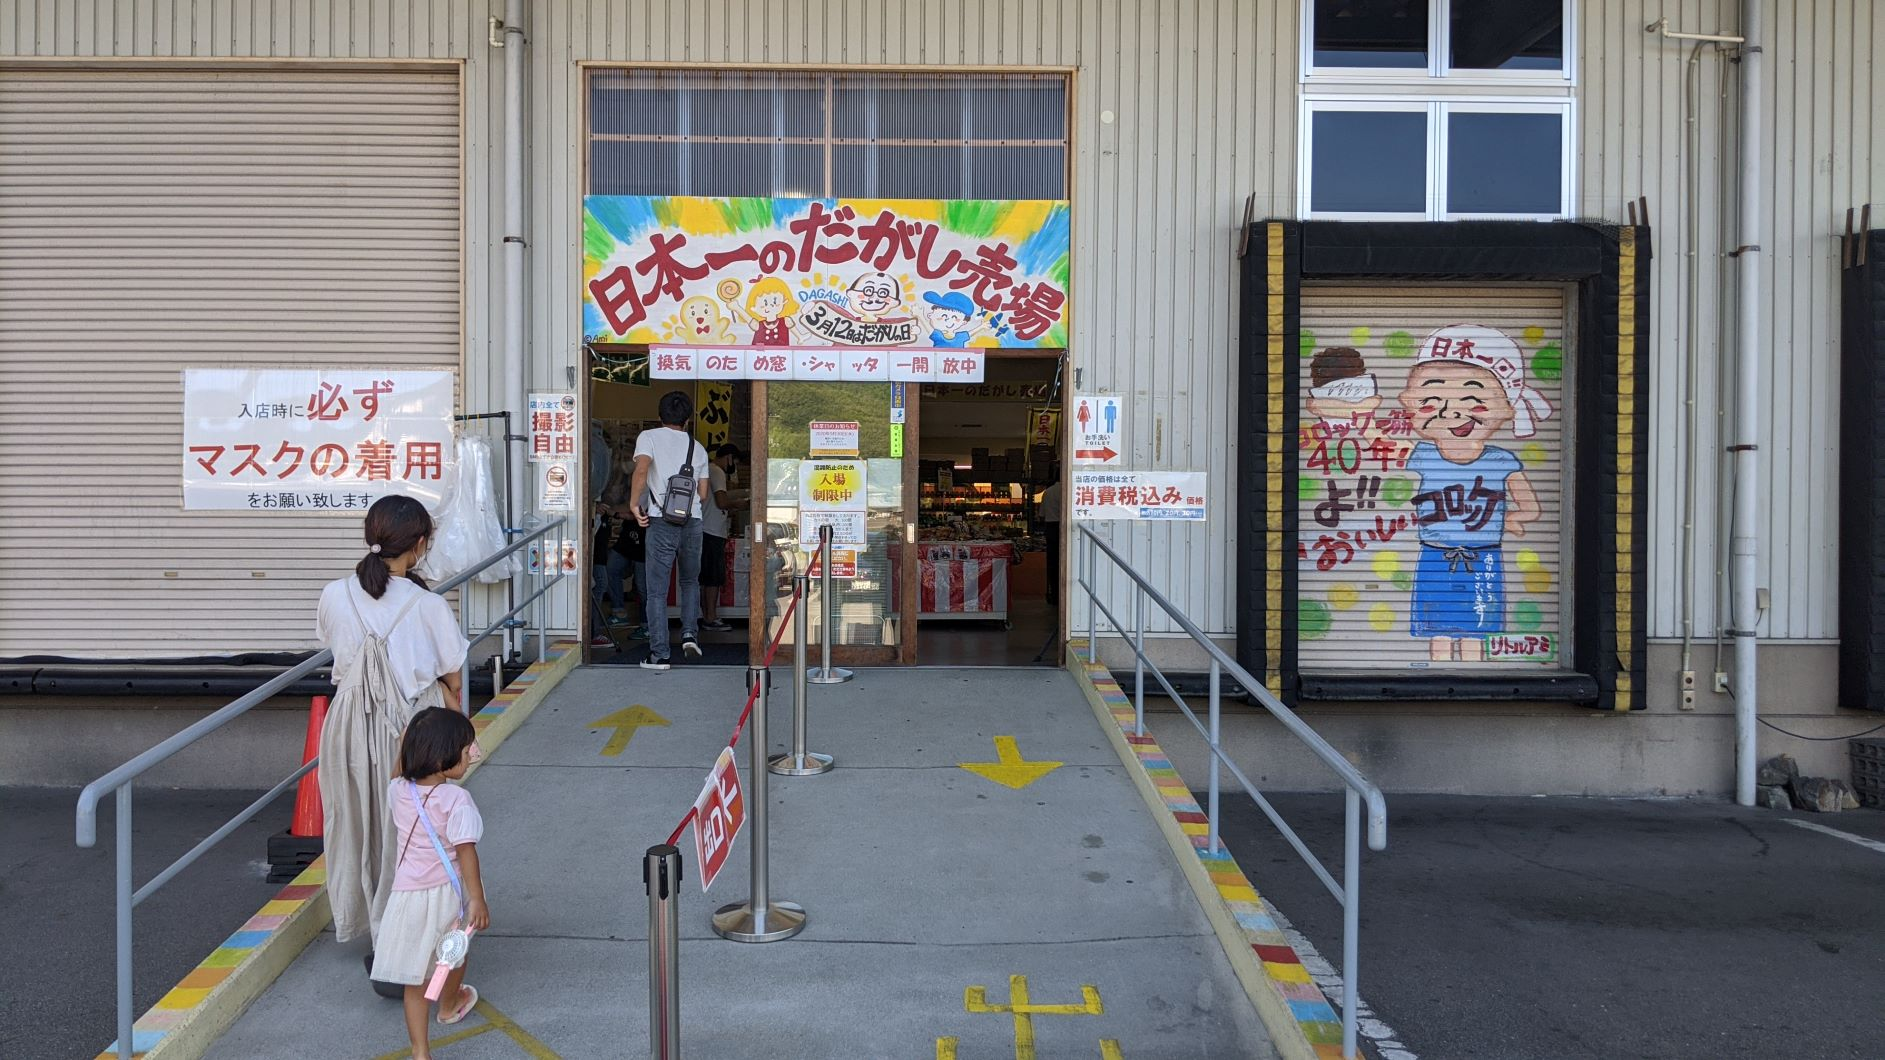 【加古川店】日本一のだがし売り場